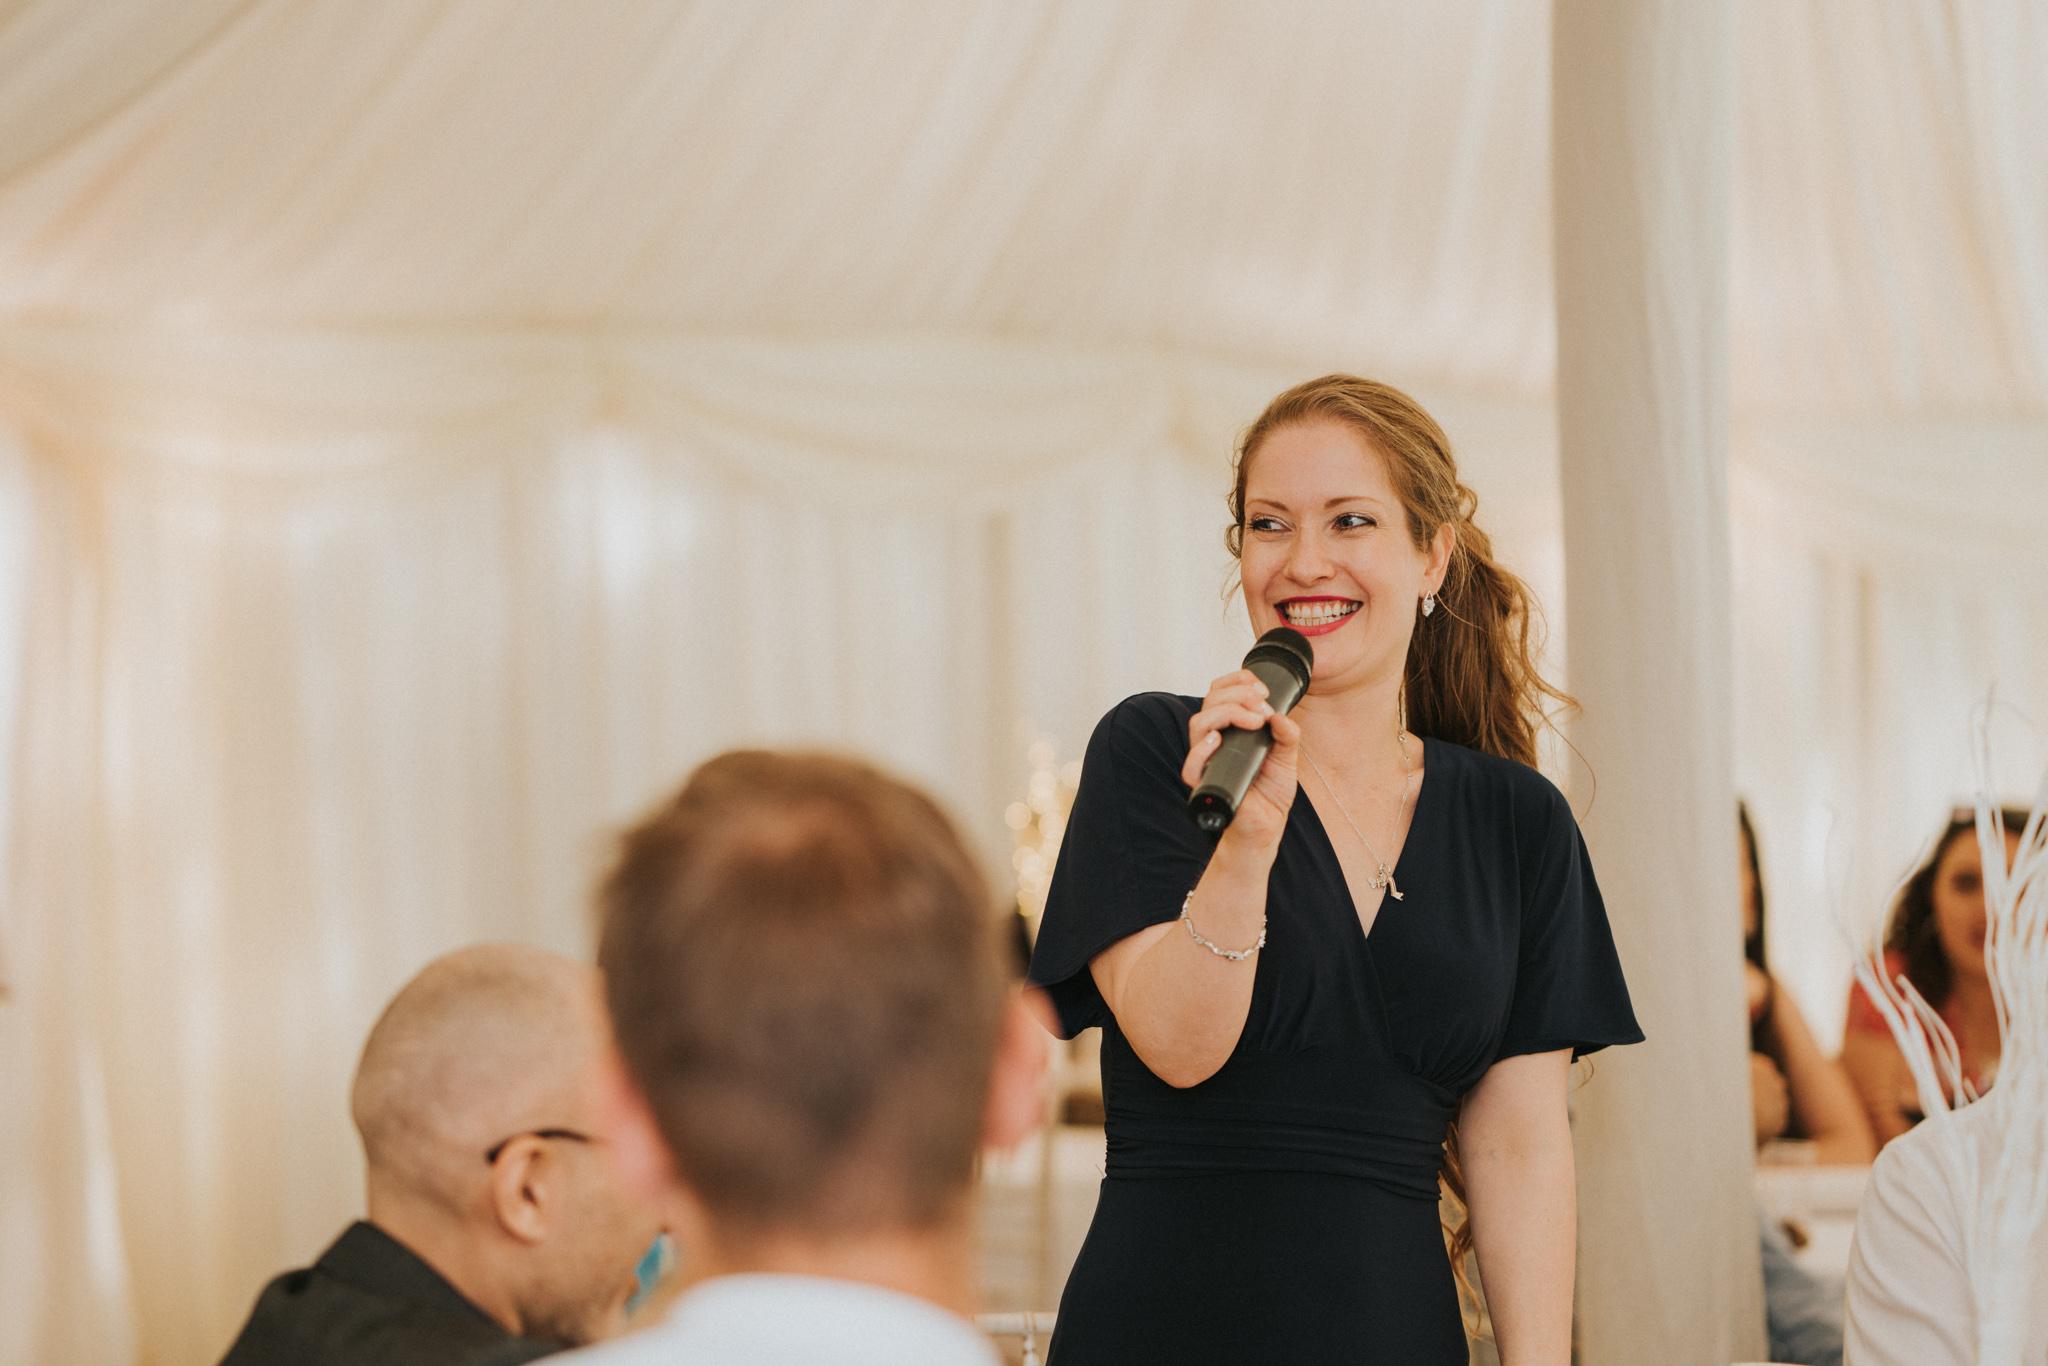 steph-neil-red-brick-barn-rochford-wedding-grace-elizabeth-colchester-essex-alternative-wedding-photographer-essex-suffolk-norfolk-devon (38 of 43).jpg